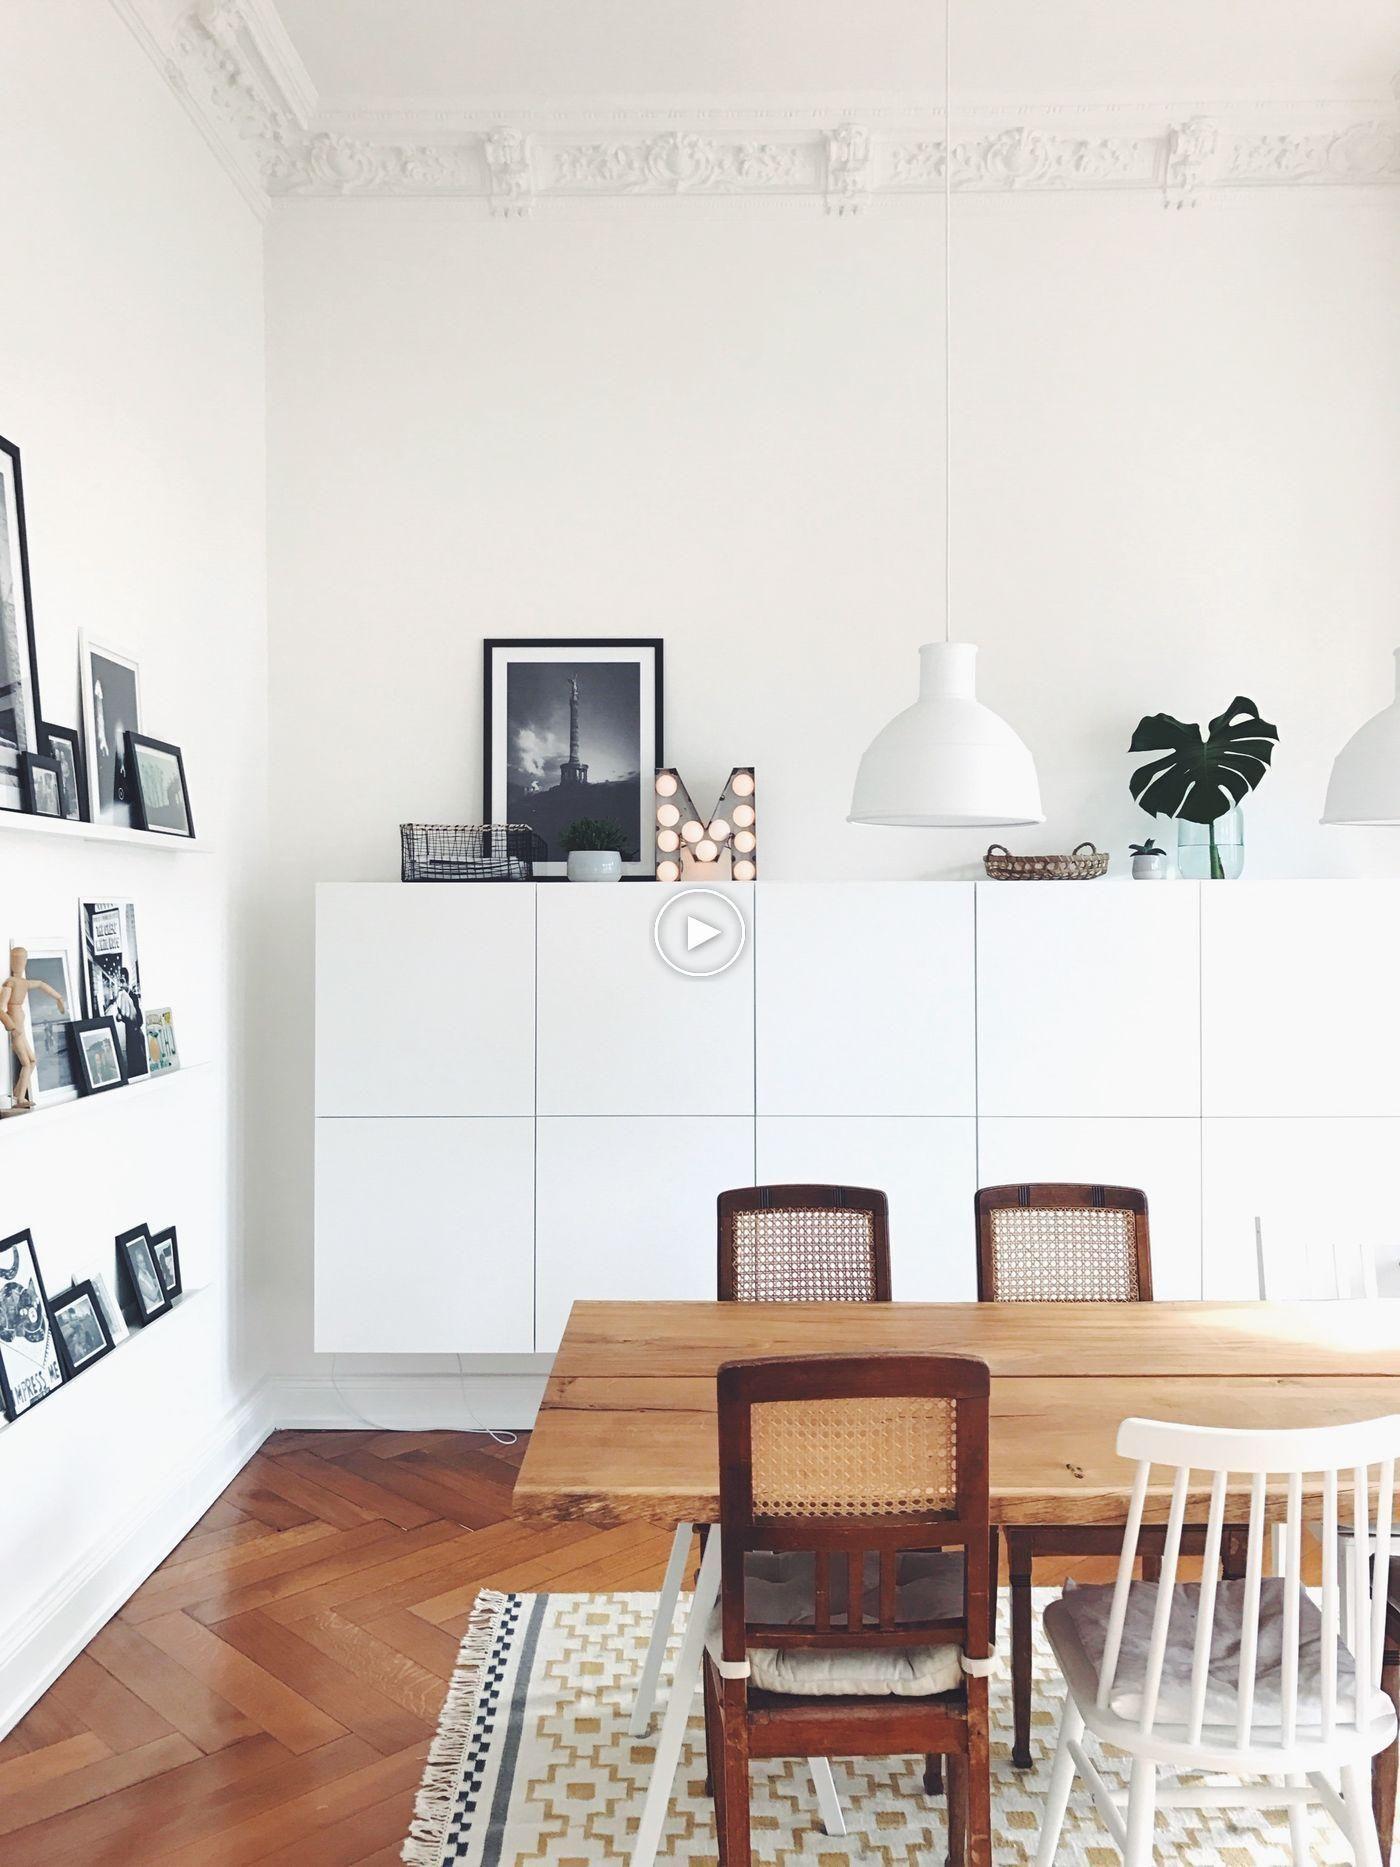 Les plus belles Idées IKEA BEST System ideesdesalon petitsalon ...